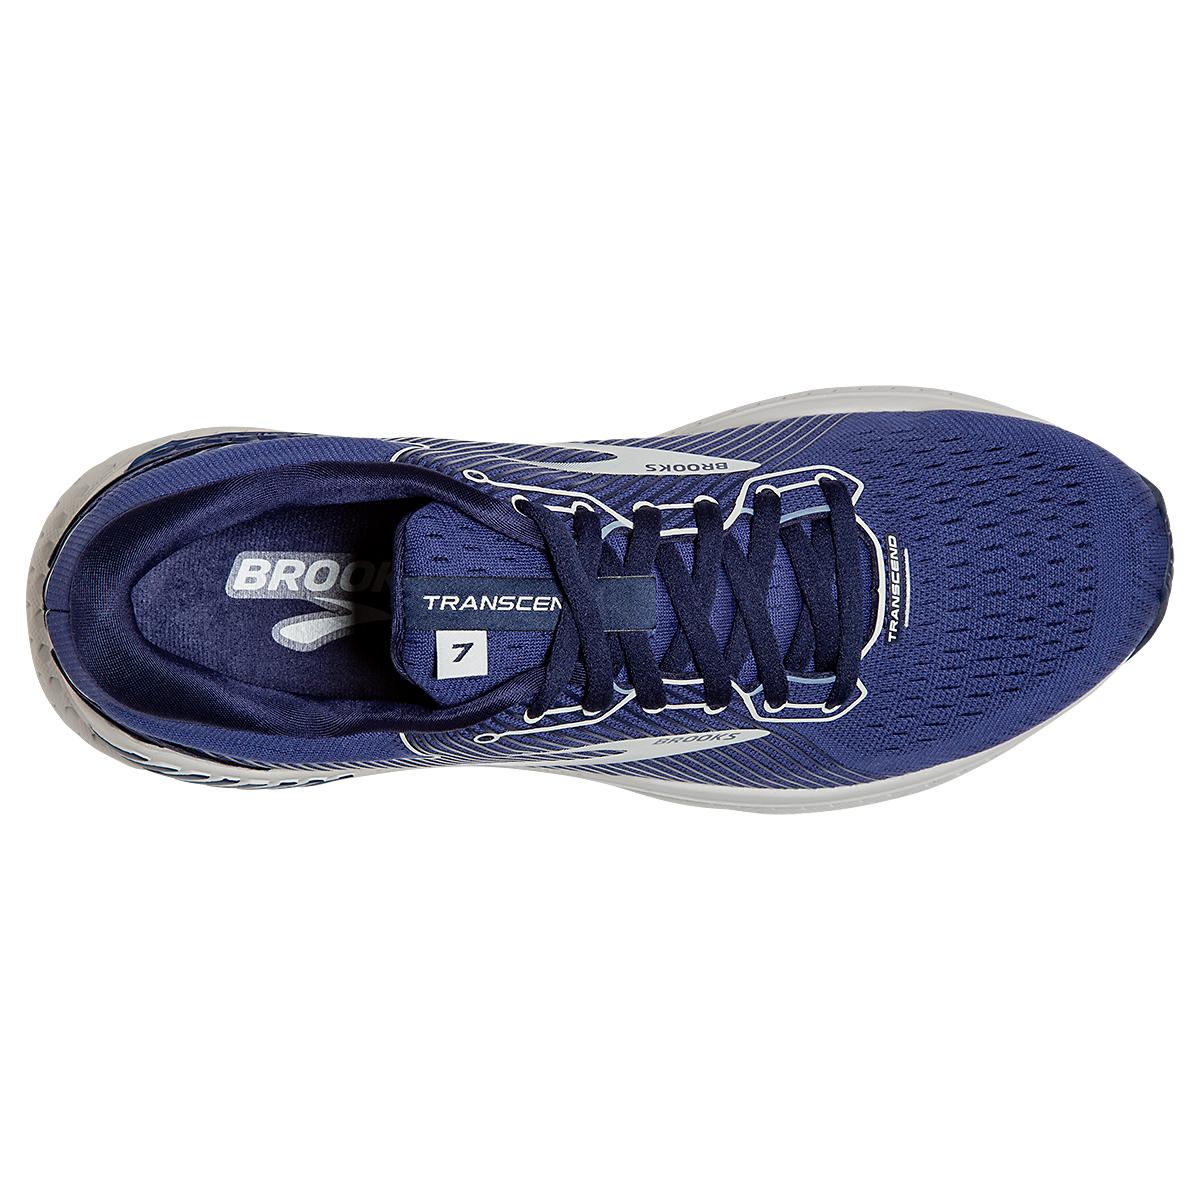 Men's Brooks Transcend 7 Running Shoe - Color: Deep Cobalt/Grey - Size: 7 - Width: Regular, Deep Cobalt/Grey, large, image 2